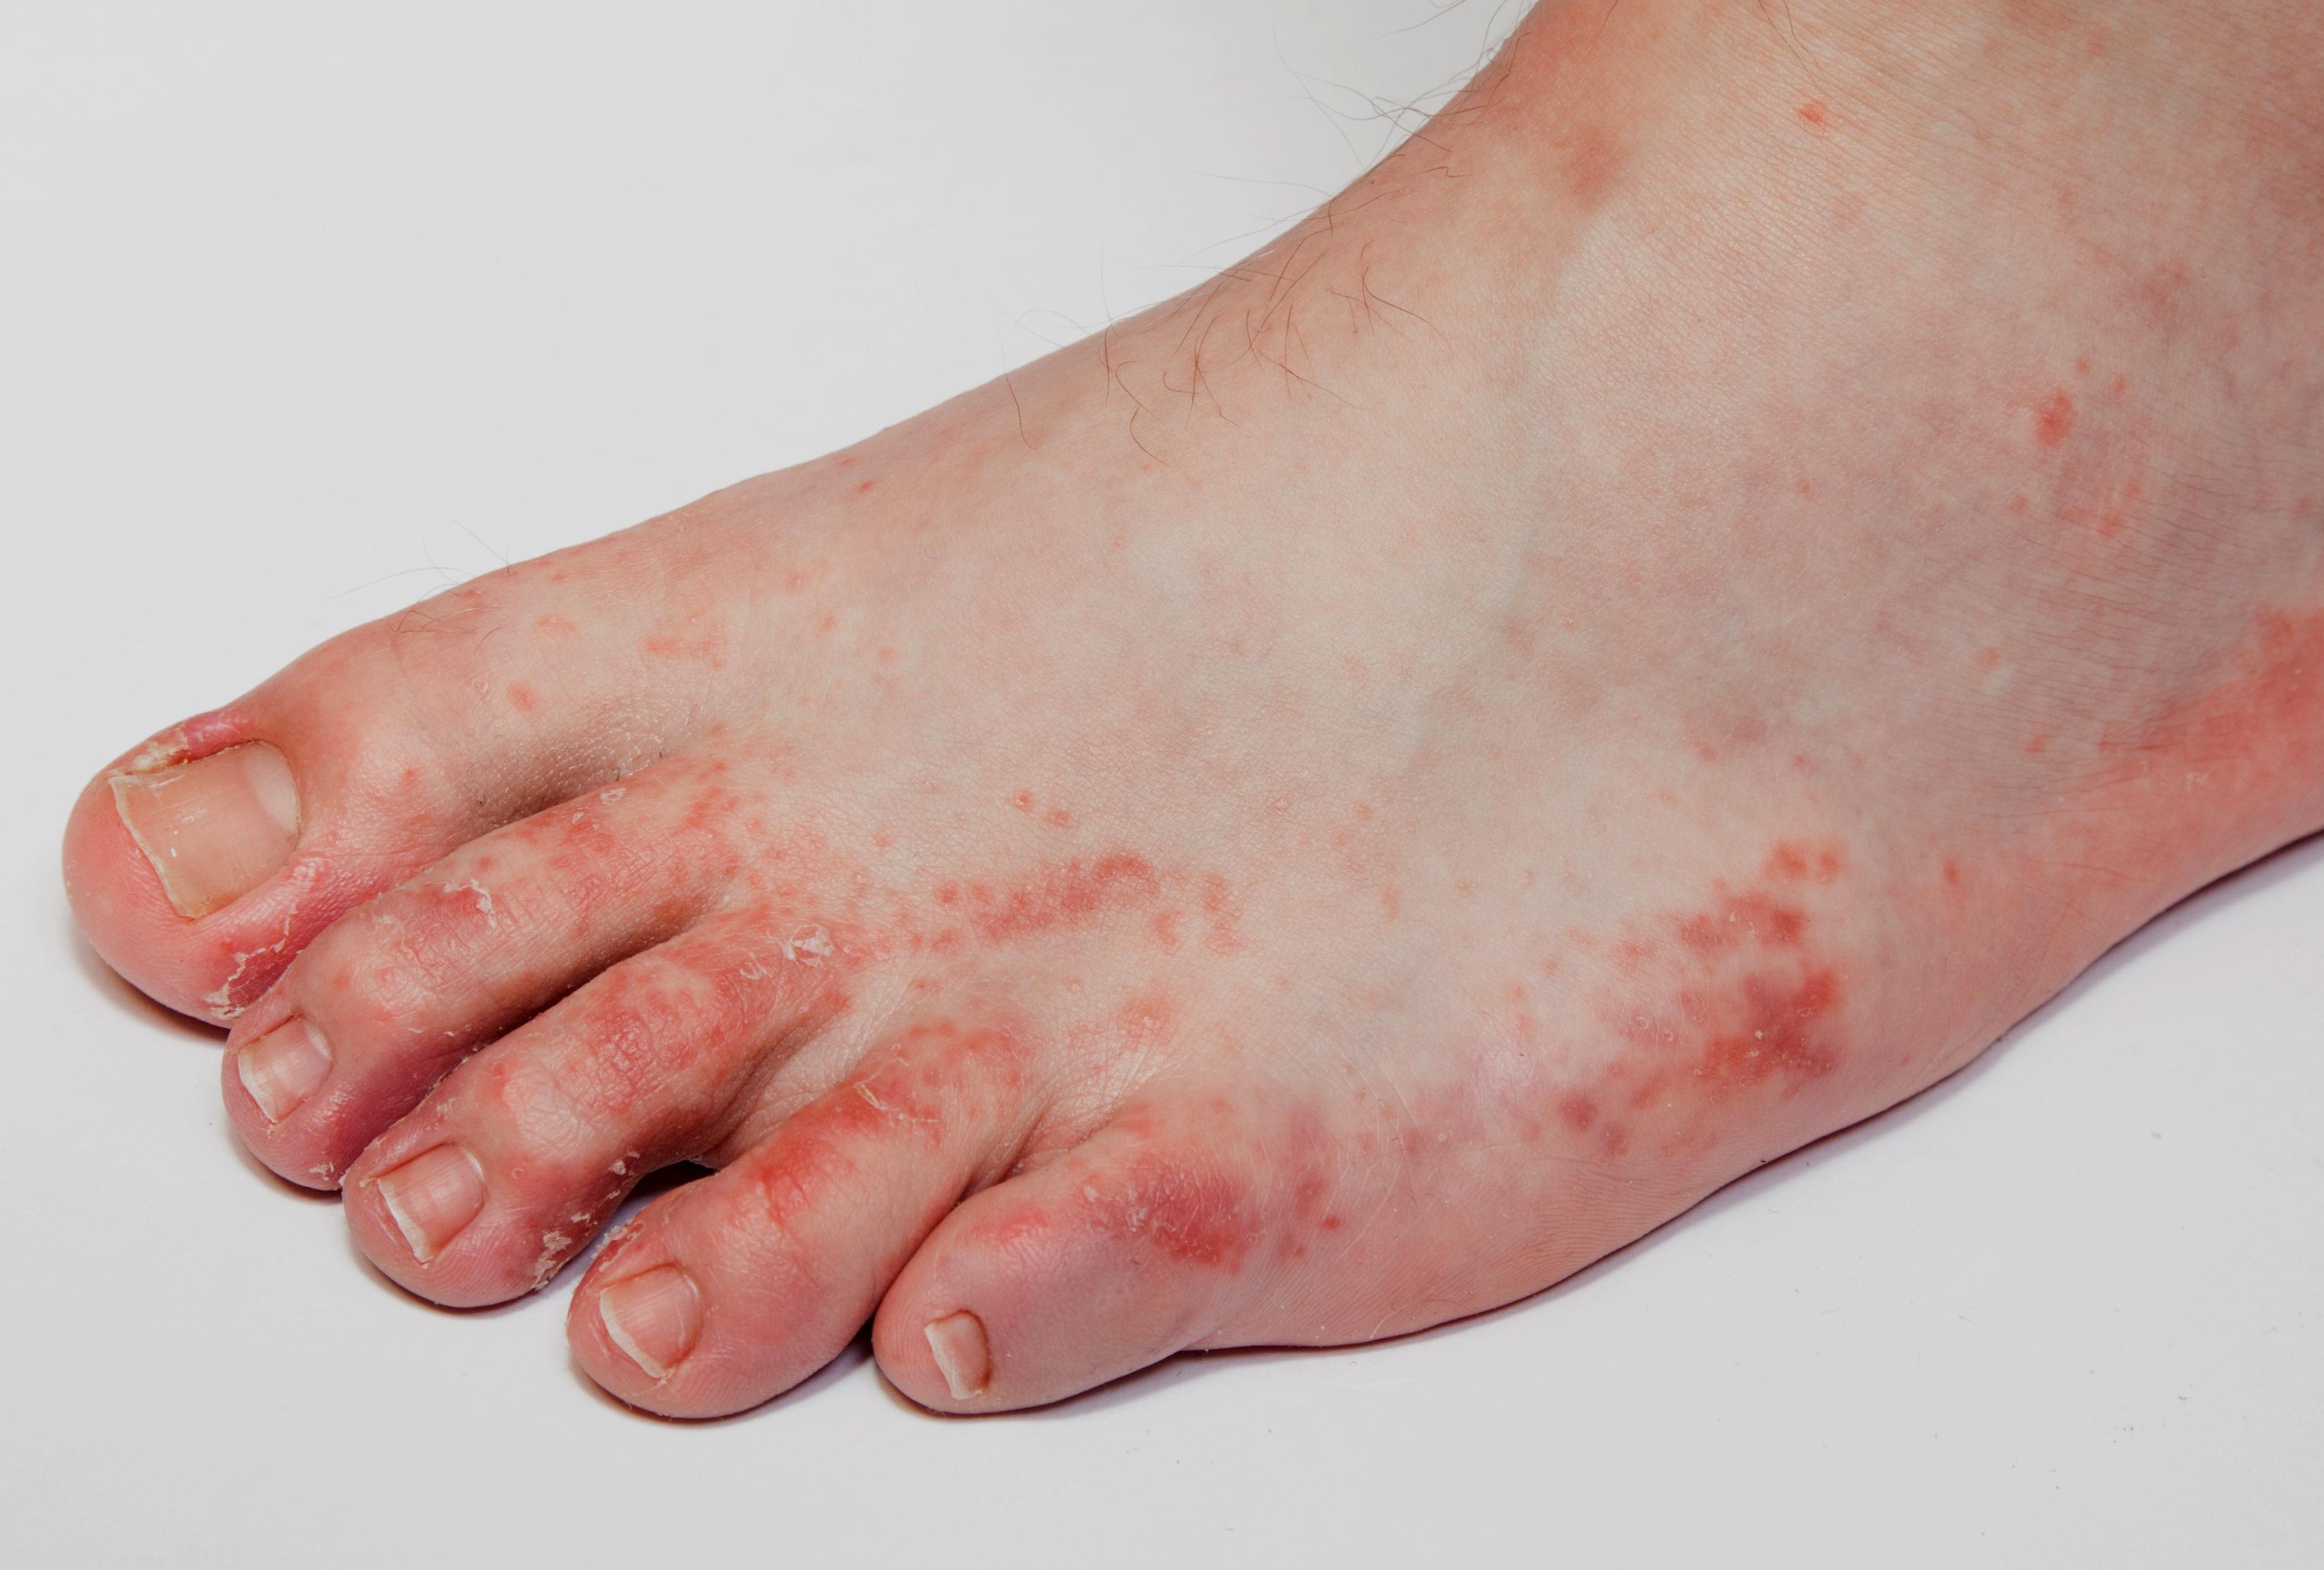 vörös foltok a lábujjakon